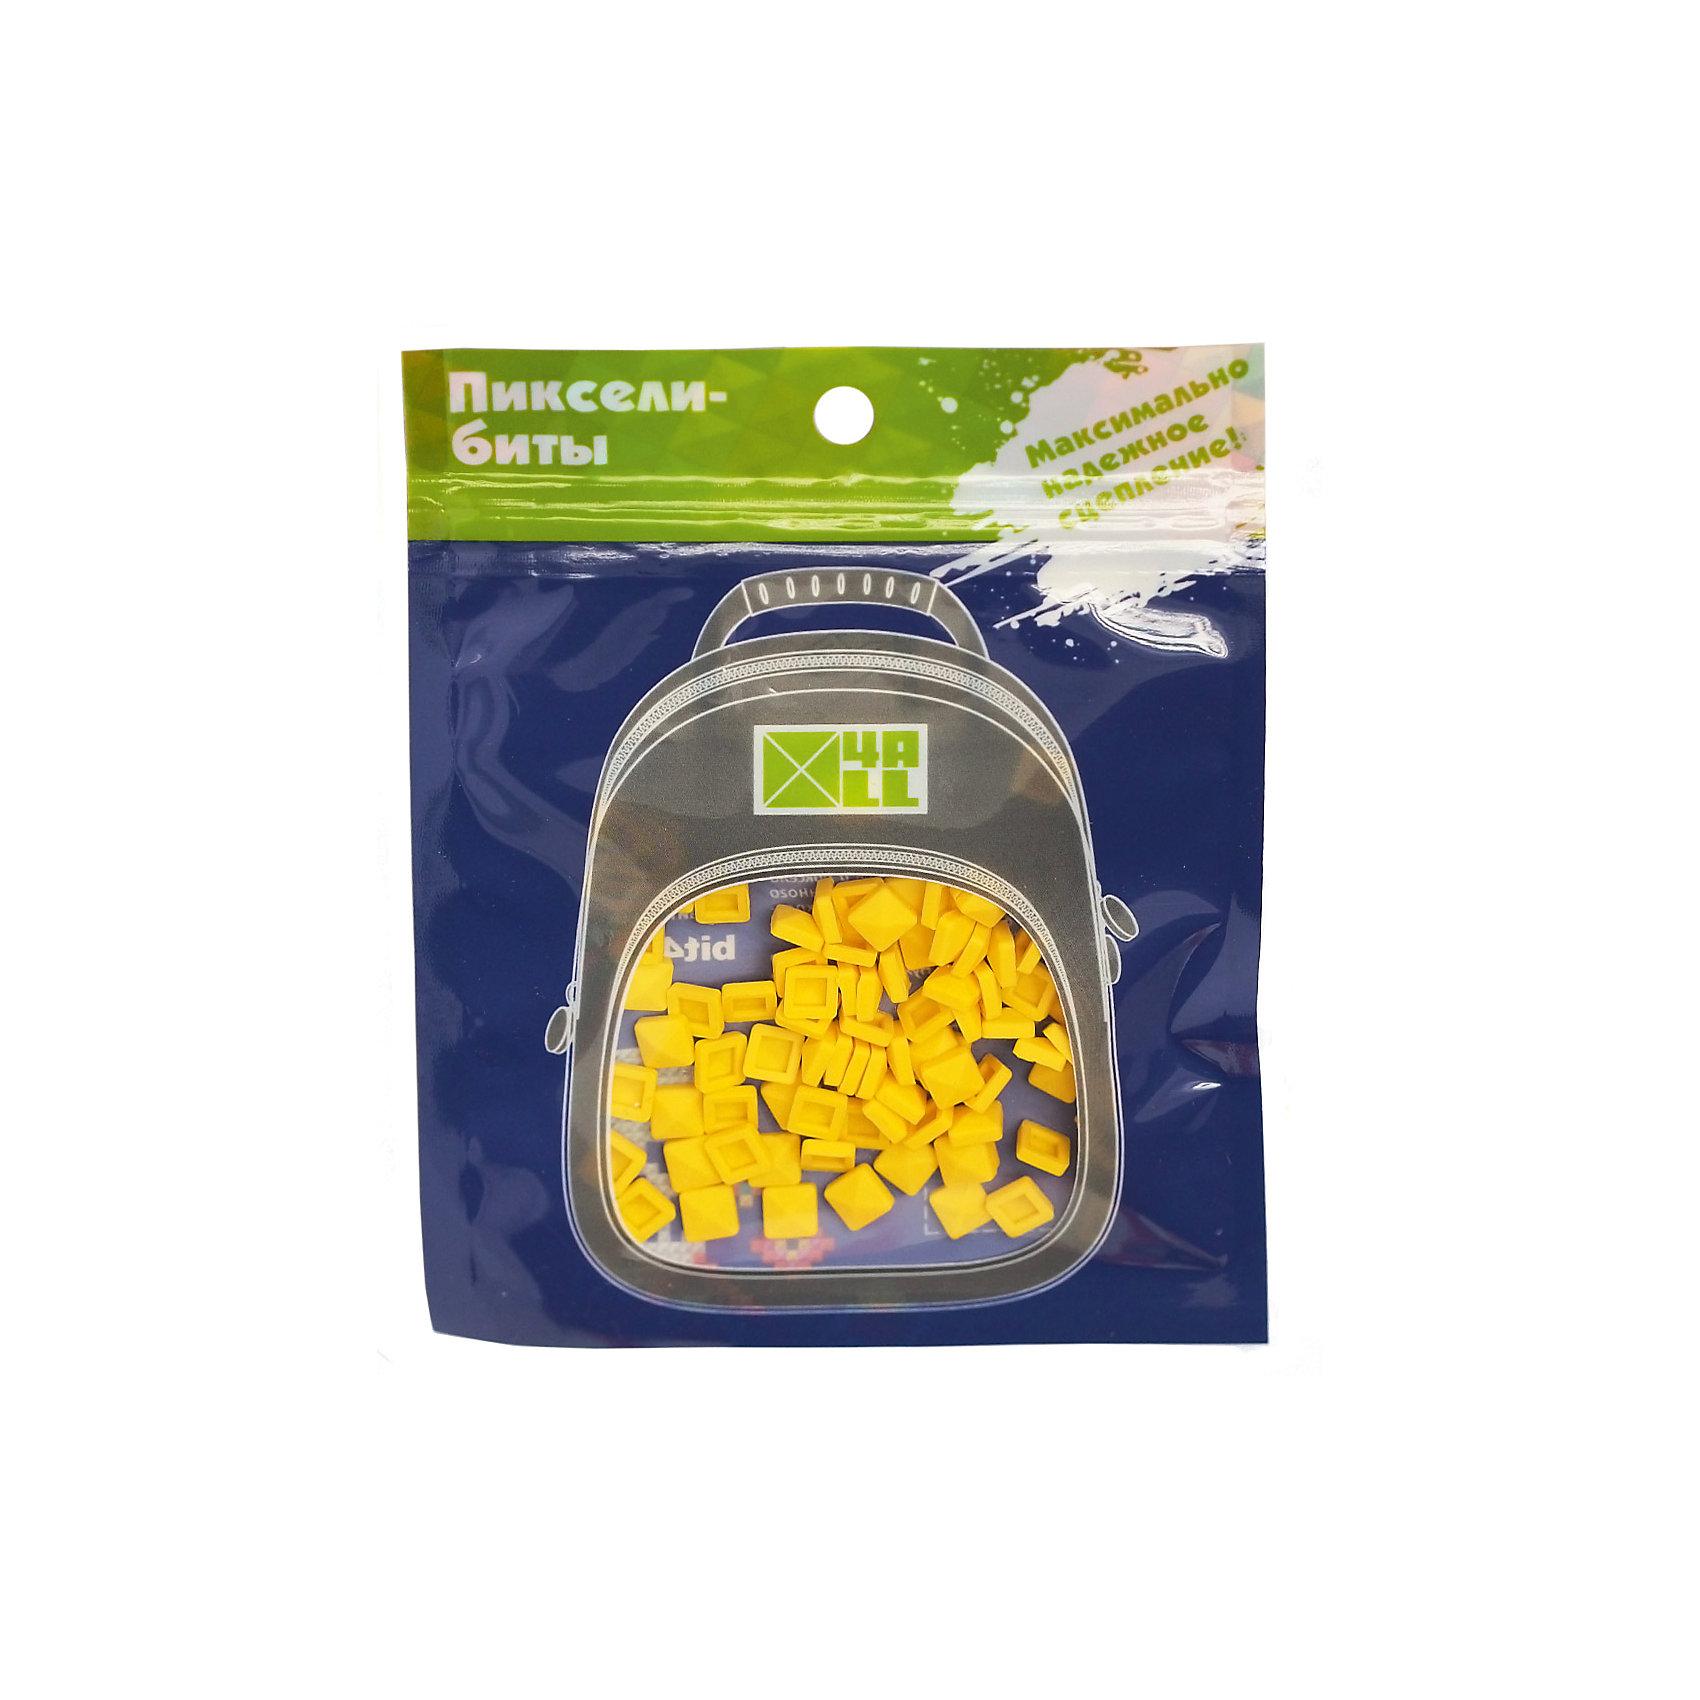 Набор для творчества пиксель-Бит, желтый, 80 штНабор для творчества пиксель-Бит, желтый, 80 шт.<br><br>Характеристики:<br><br>• Для детей от 3 лет<br>• Количество: 80 шт.<br>• Размер: 0,4х0,4 см.<br>• Цвет: желтый<br>• Материал: высококачественный силикон<br>• Размер упаковки: 14х11 см.<br><br>Придумай и создай дизайн своего рюкзака Kids самостоятельно с наборами для творчества пиксель-Бит. Биты для пикселей легко и прочно крепятся на переднюю панель рюкзака благодаря уникальной конструкции замка. Битами можно выкладывать любые картинки или слова. Набор подходит для декорирования рюкзаков серии 4all Kids. Изготовлен из высококачественного гипоаллергенного силикона. Развивает мелкую моторику рук, творческий потенциал и воображение.<br><br>Набор для творчества пиксель-Бит, желтые, 80 шт можно купить в нашем интернет-магазине.<br><br>Ширина мм: 140<br>Глубина мм: 110<br>Высота мм: 50<br>Вес г: 25<br>Возраст от месяцев: 36<br>Возраст до месяцев: 2147483647<br>Пол: Унисекс<br>Возраст: Детский<br>SKU: 5490463